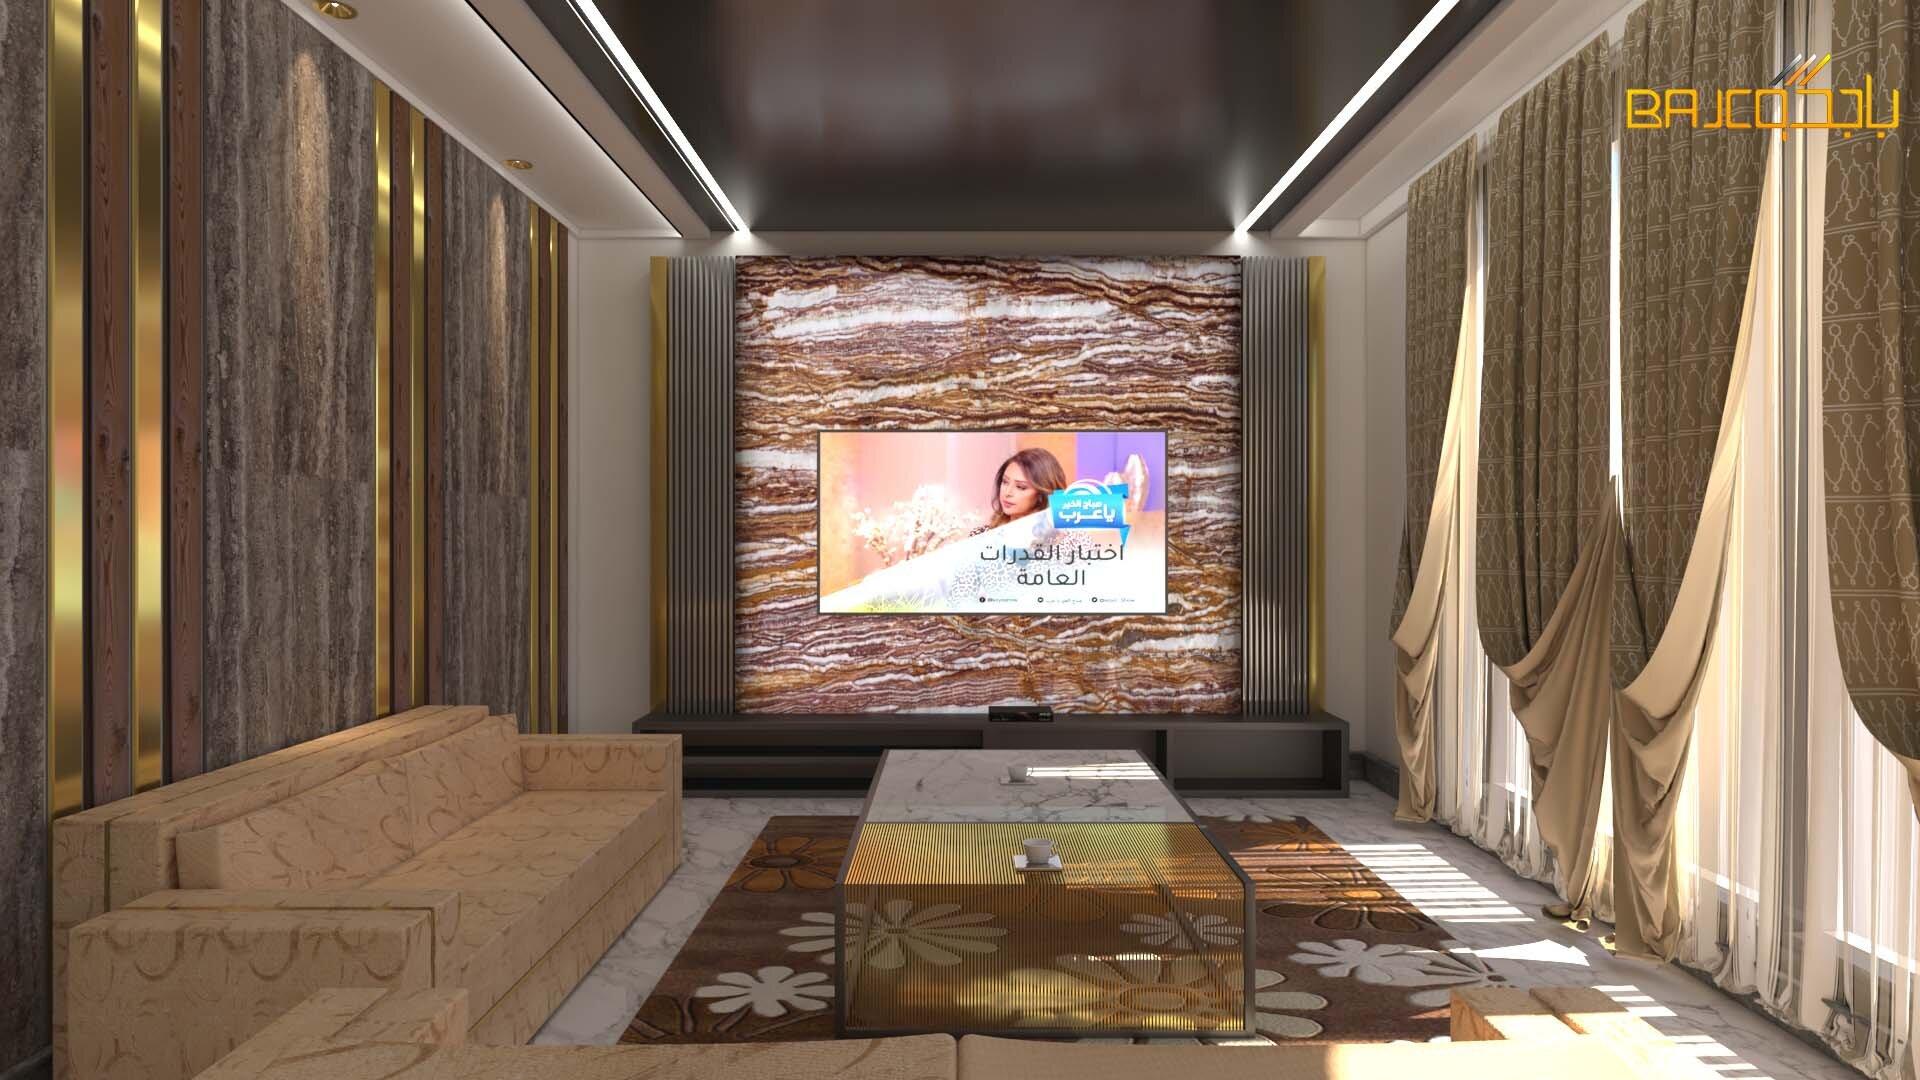 خلفية تلفزيون اونيكس